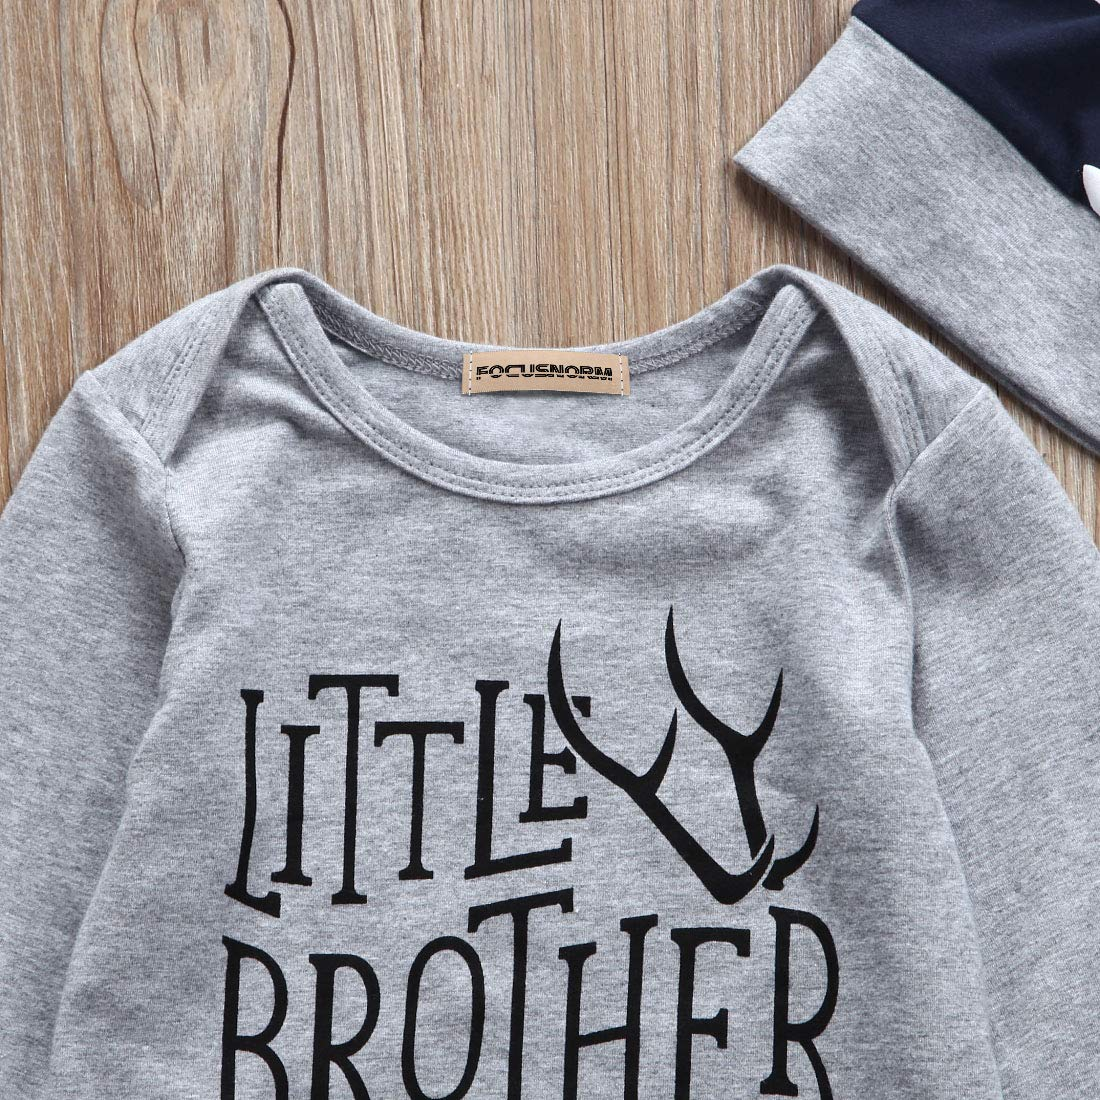 Ciervo Estampado Ropa para Hermano peque/ña Hermano Grande Pantalones Leggings Sombrero Brother Big Brother Camiseta de Manga Corta Hermano peque/ña 3 Piezas de Ropa para beb/é